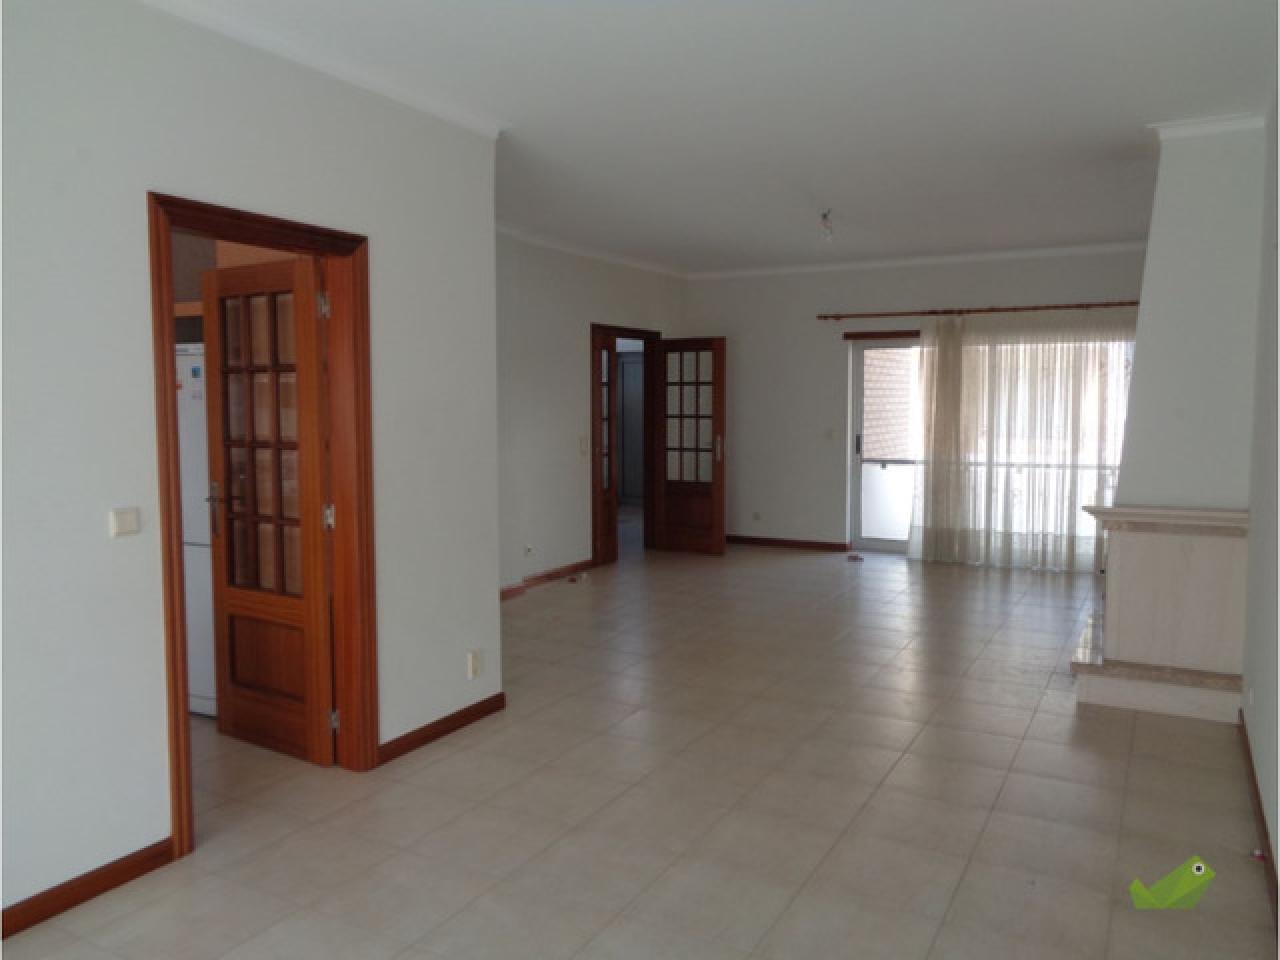 Недвижимость Portugal, Viana do Castelo - 3